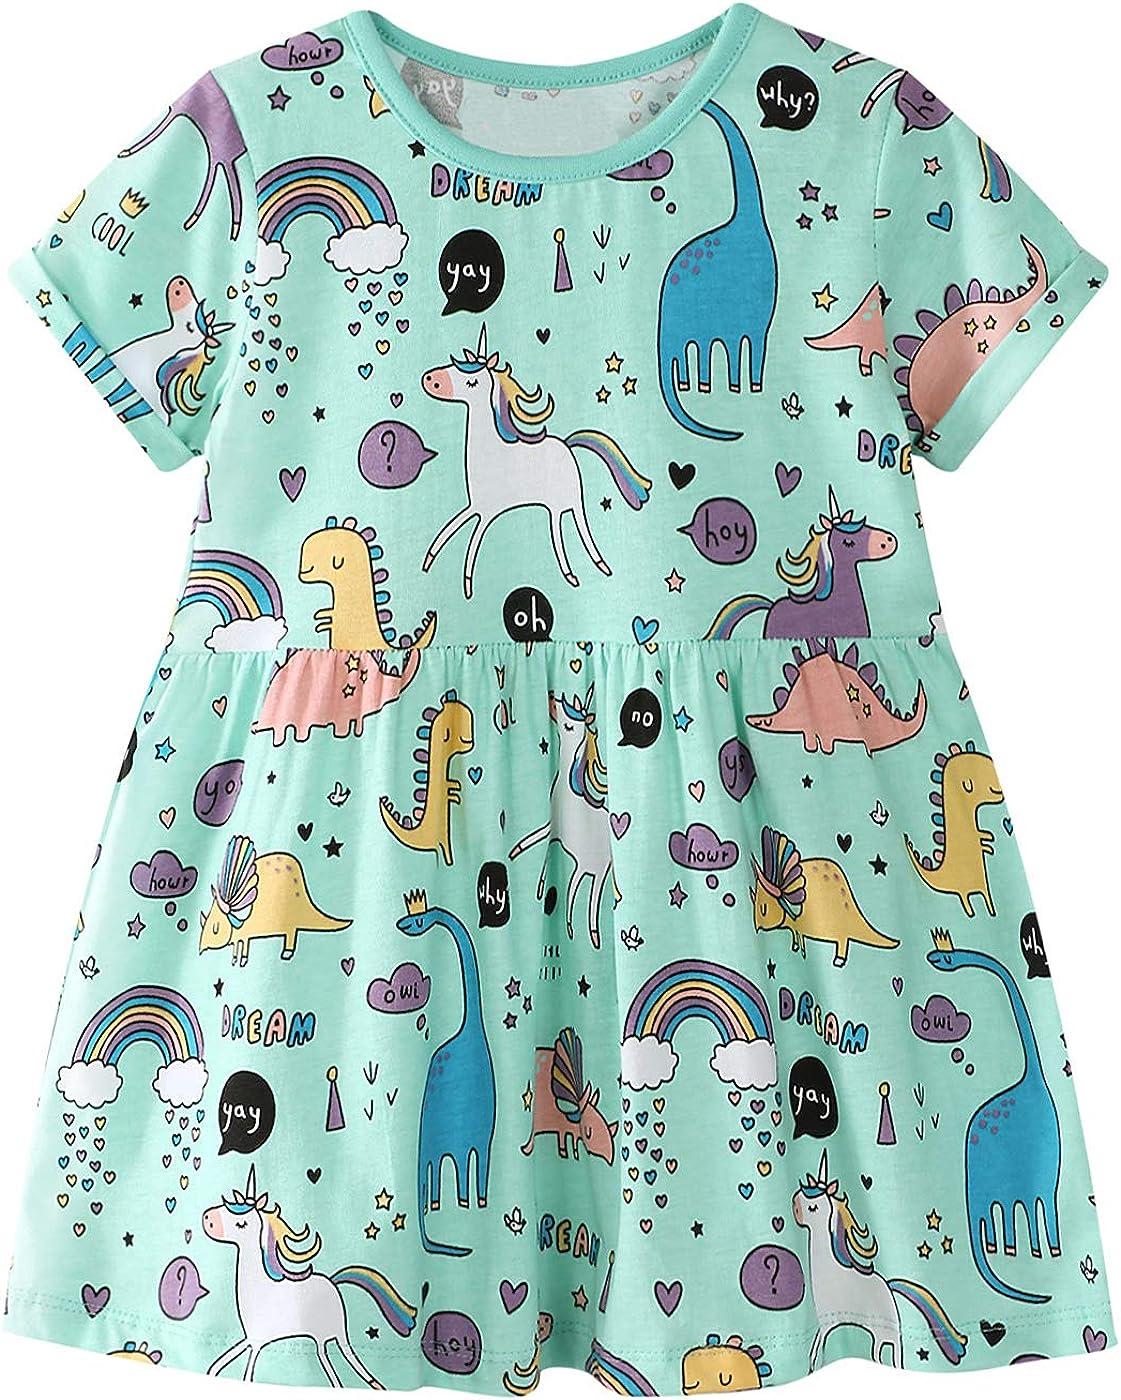 LNKXRTY Girls Cotton Dress Short Sleeve Cute Cartoon Dress Baby Dinosaur Dress Todder Girls Summer Casual Dresses